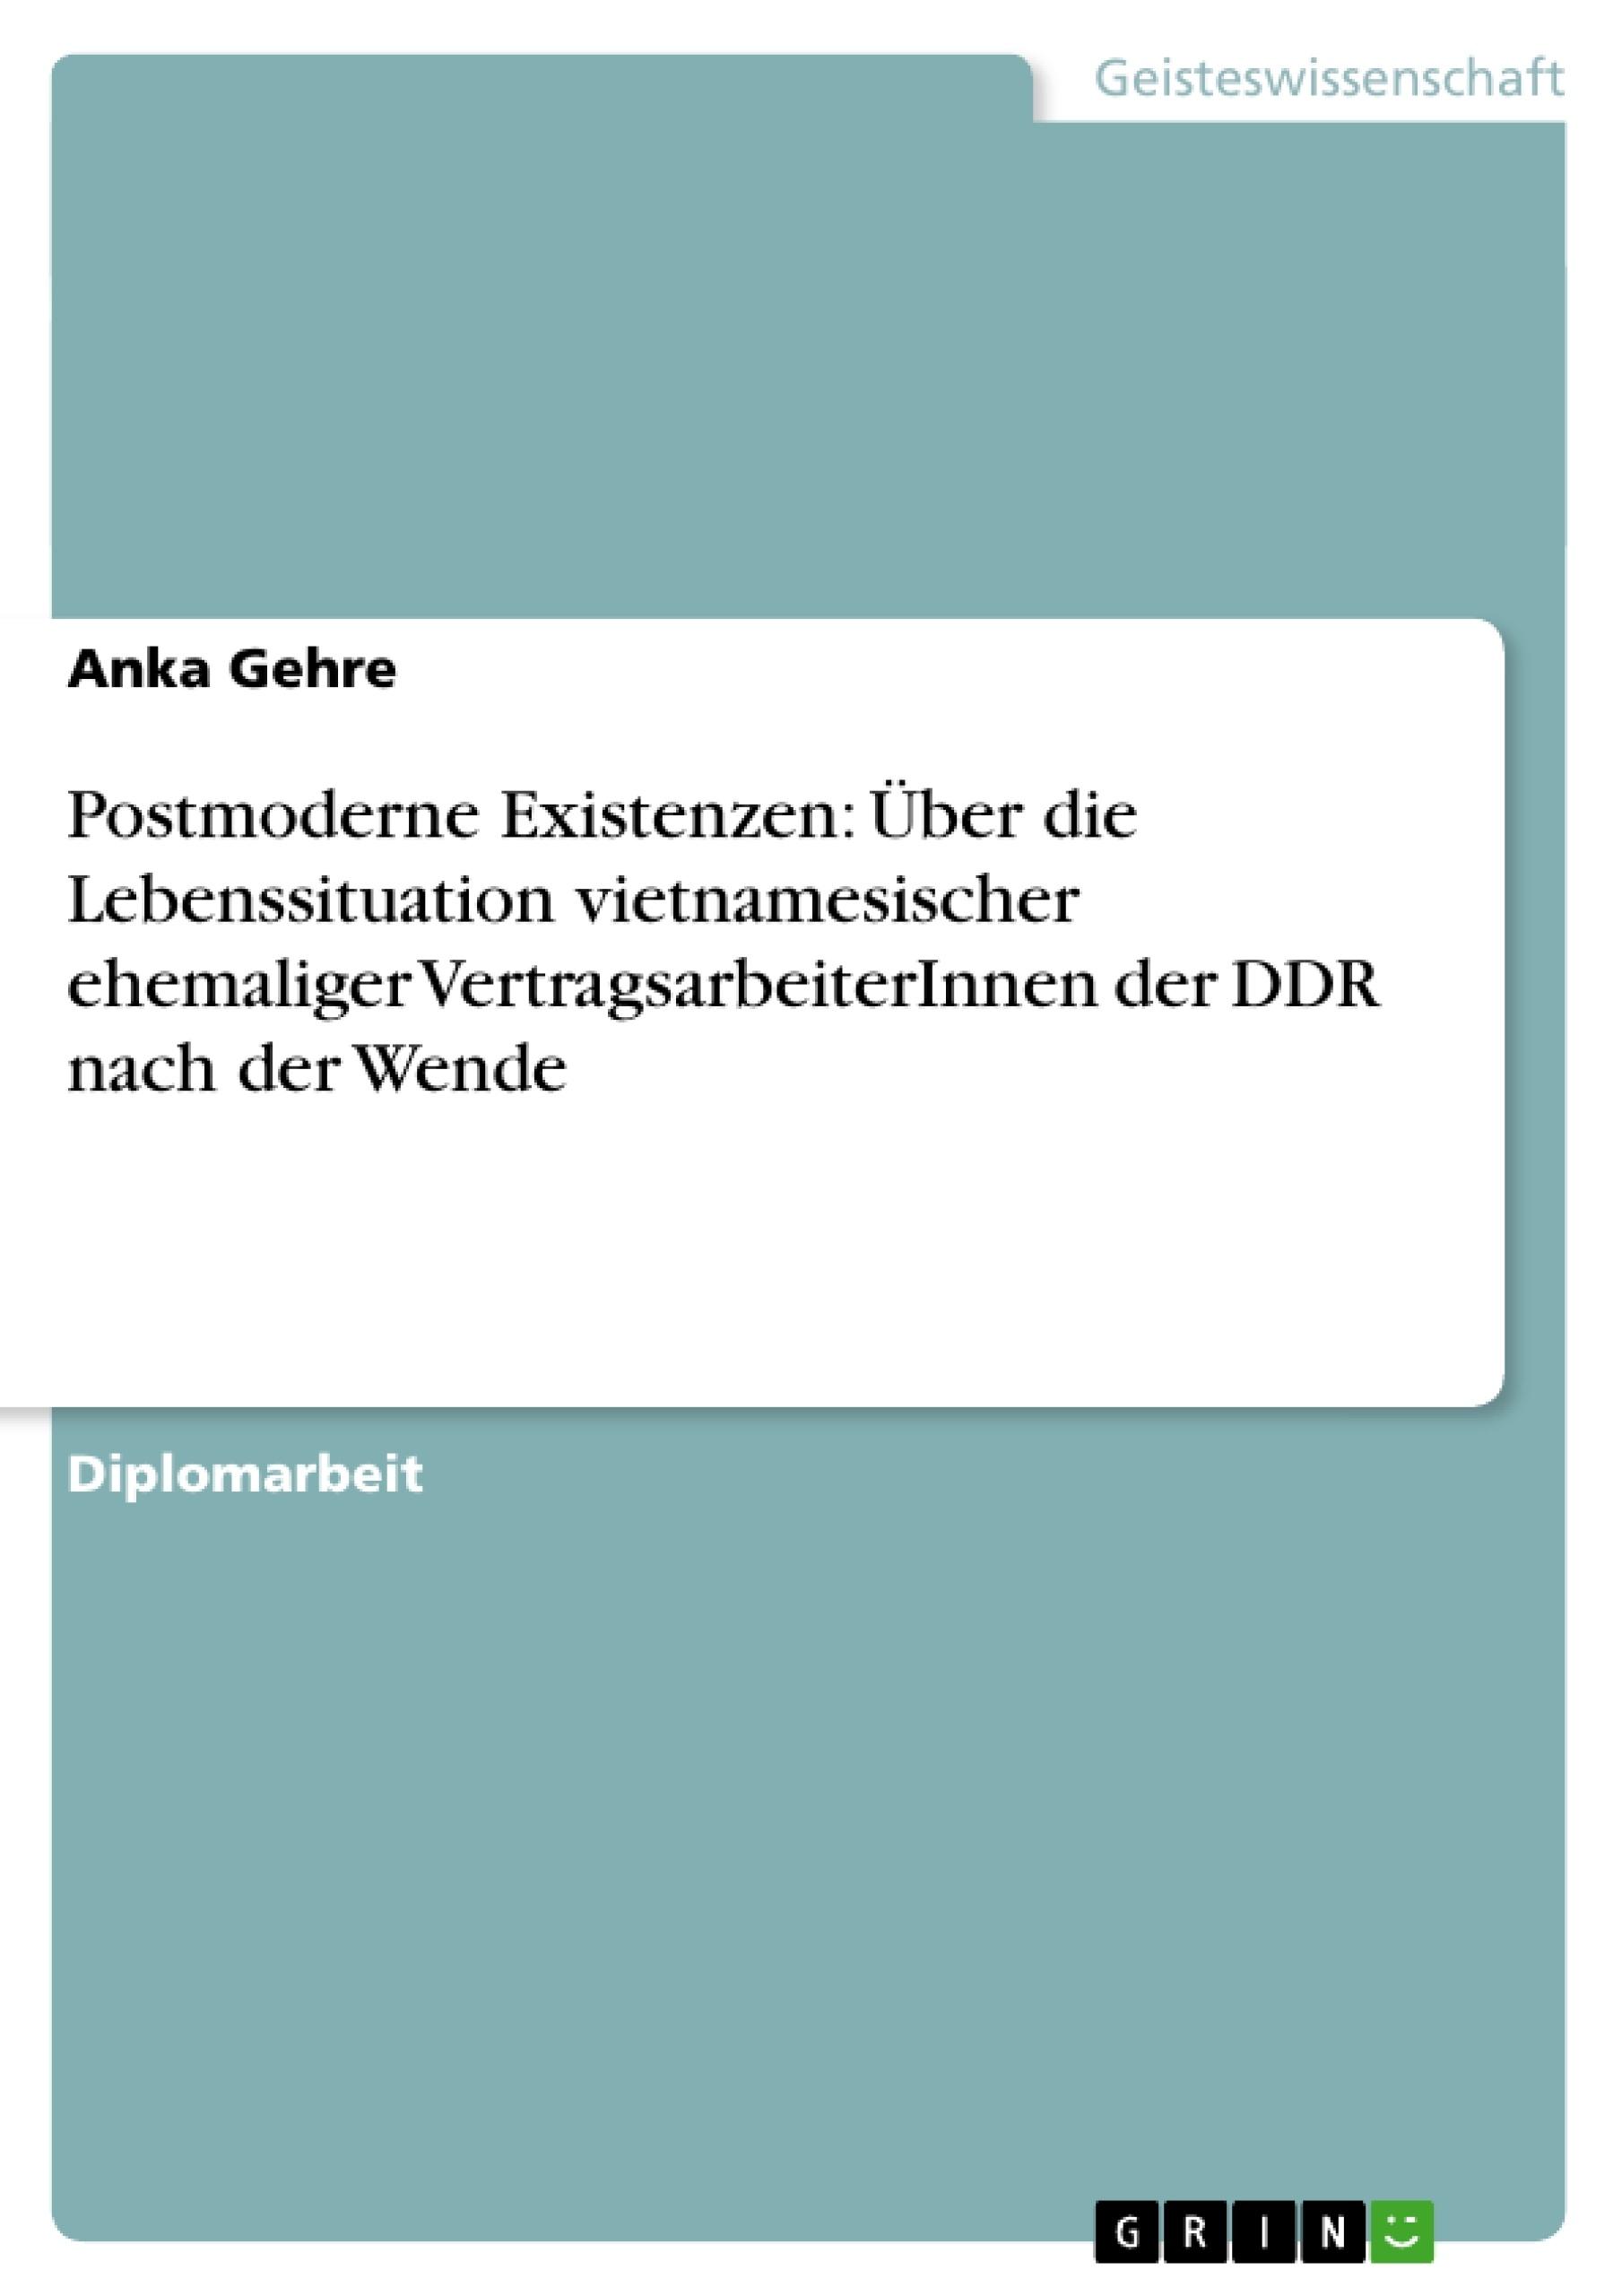 Titel: Postmoderne Existenzen: Über die Lebenssituation vietnamesischer ehemaliger VertragsarbeiterInnen der DDR nach der Wende